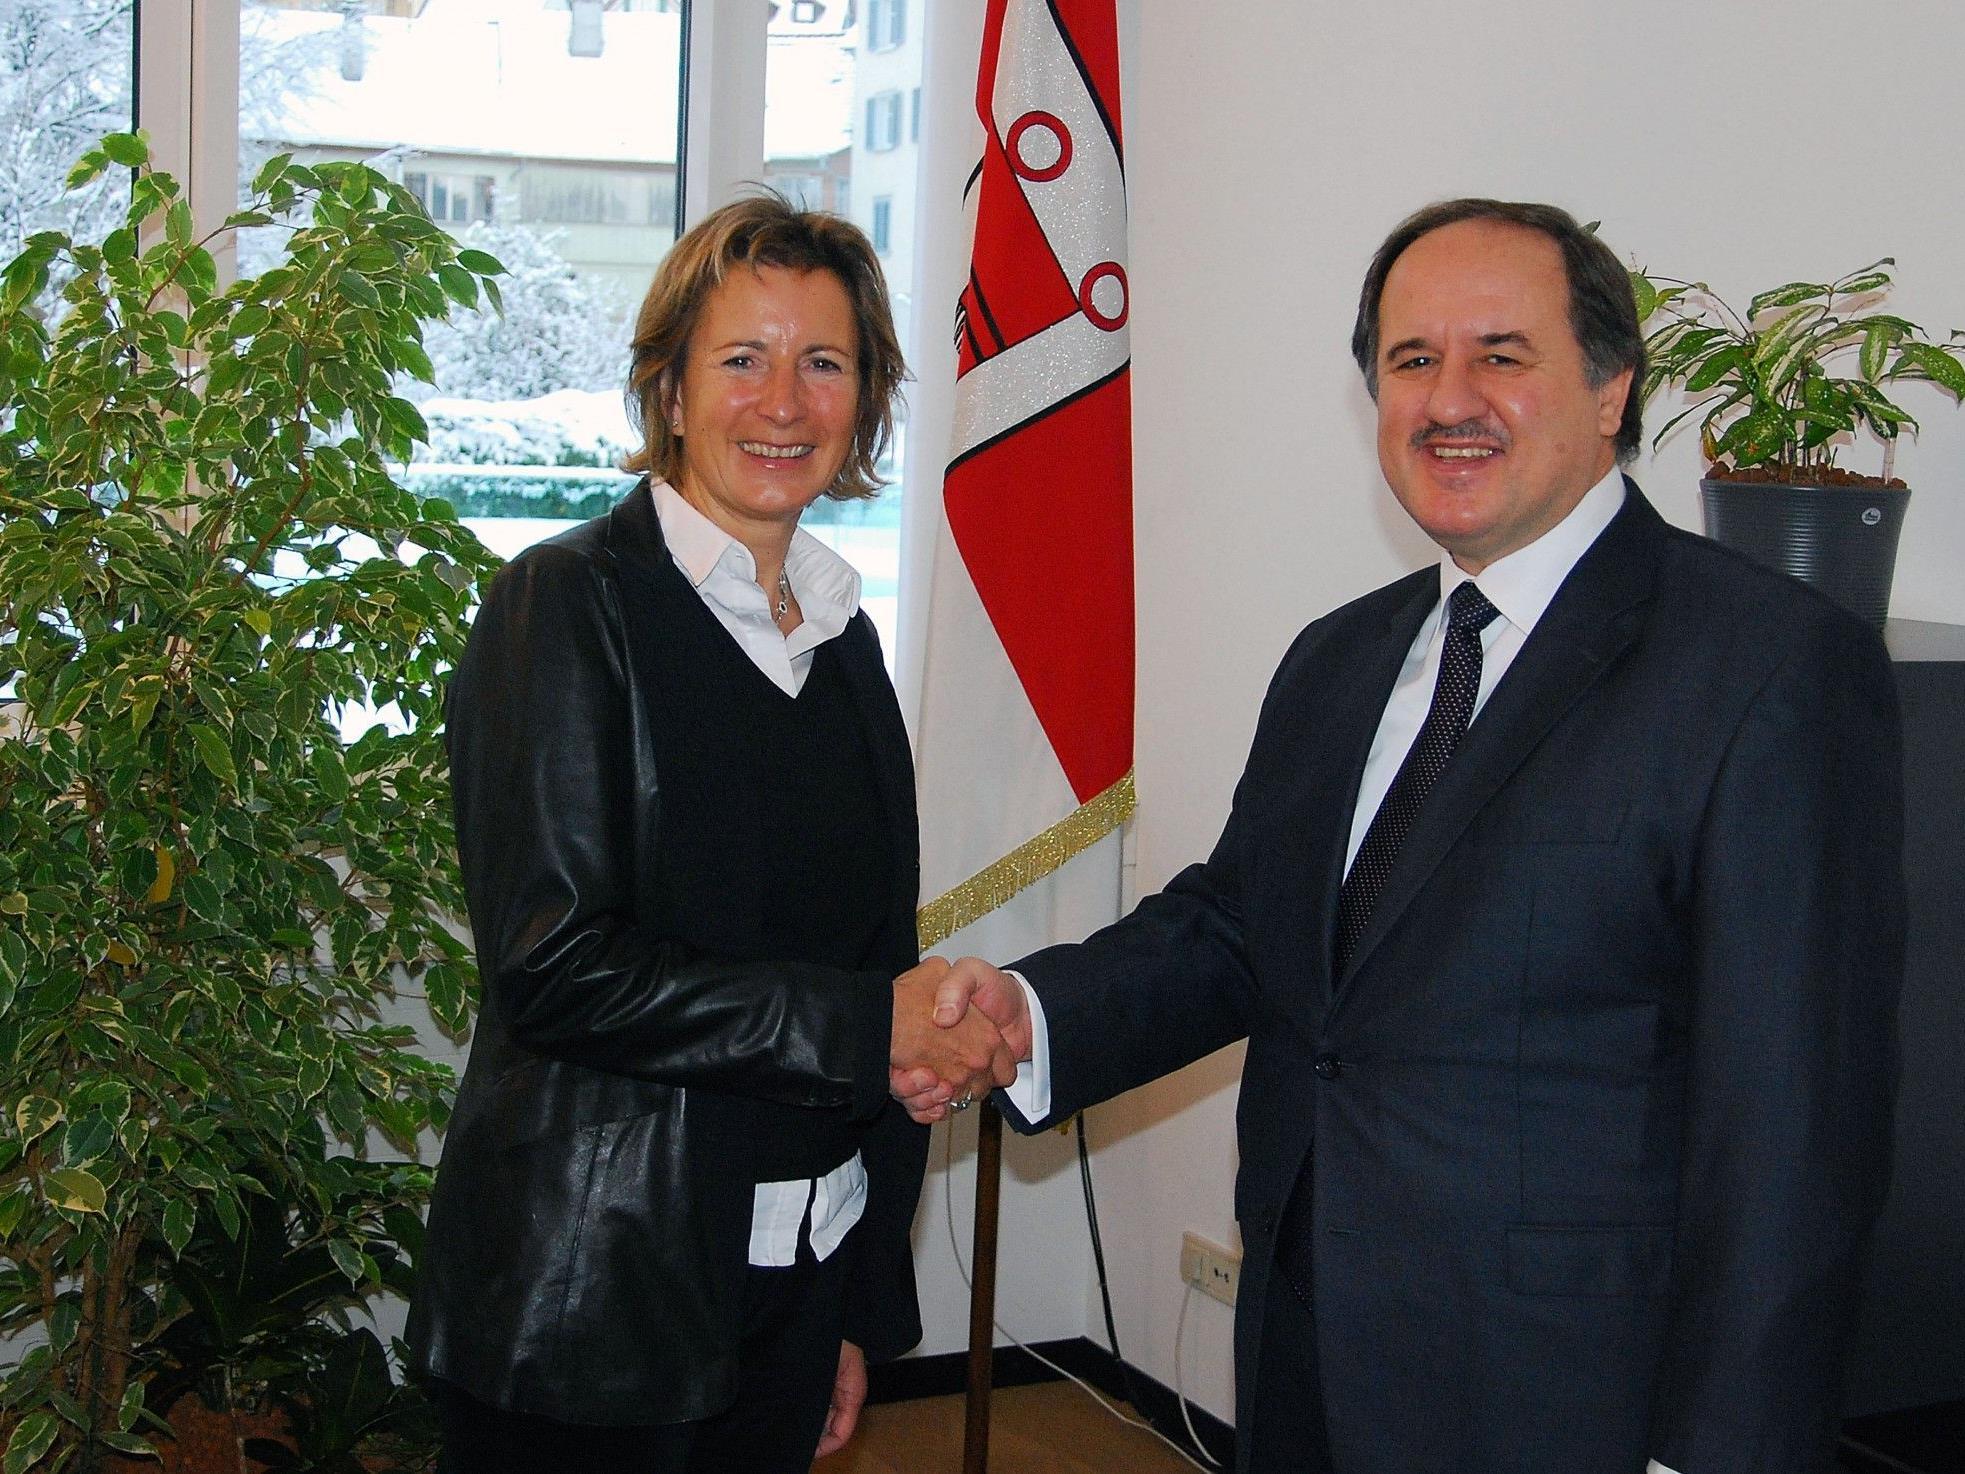 Antrittsbesuch des türkischen Generalkonsuls bei Gabriele Nußbaumer.